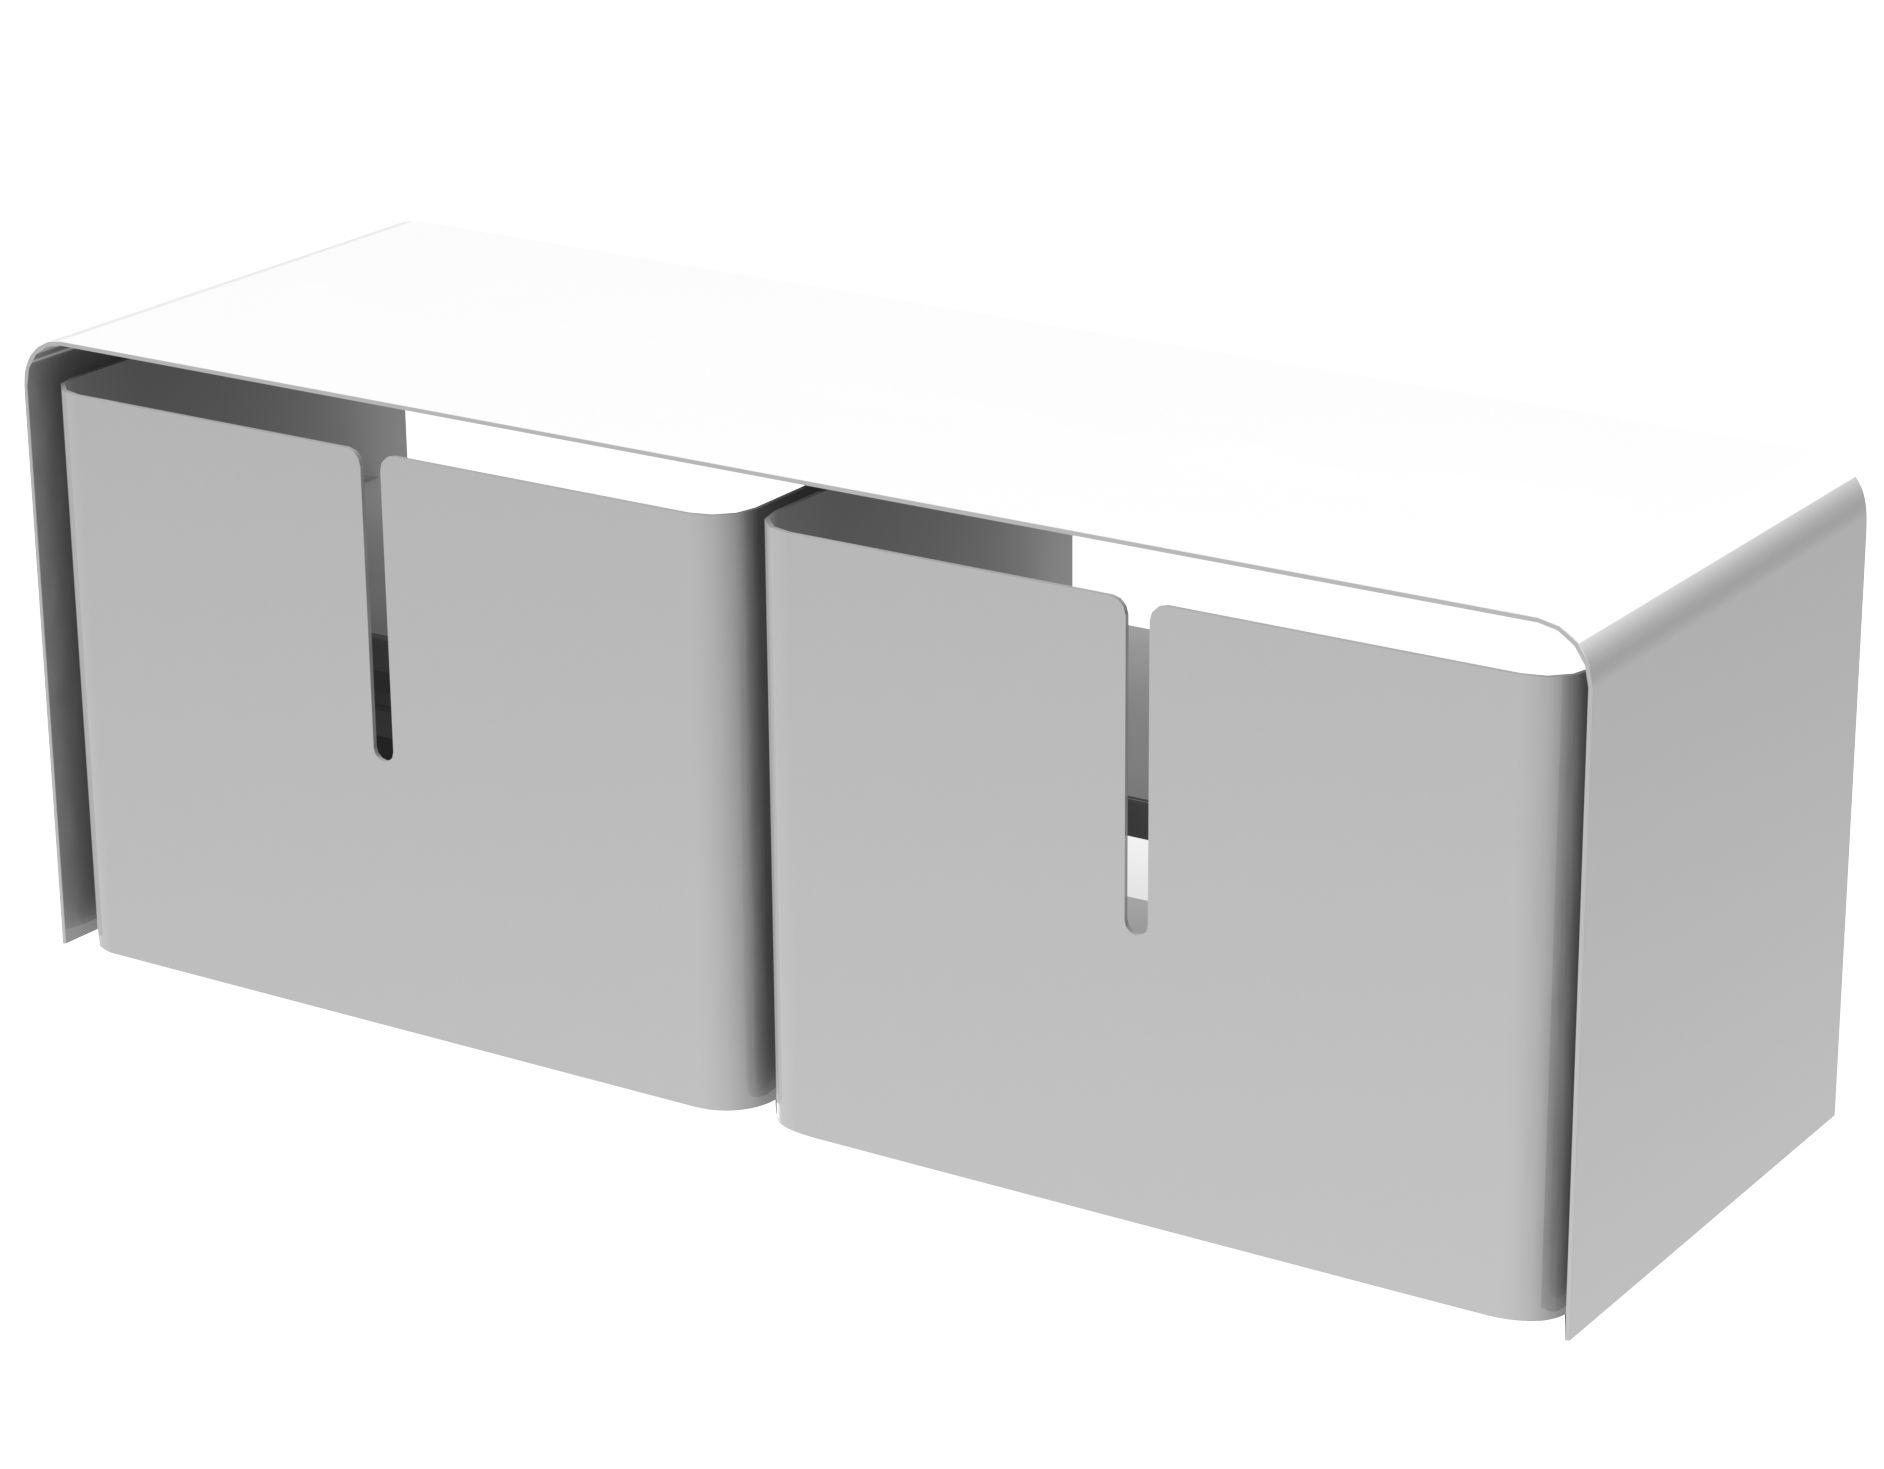 Mobilier - Commodes, buffets & armoires - Meuble TV Barber / 2 tiroirs - L 110 cm - Matière Grise - Blanc - Acier laqué